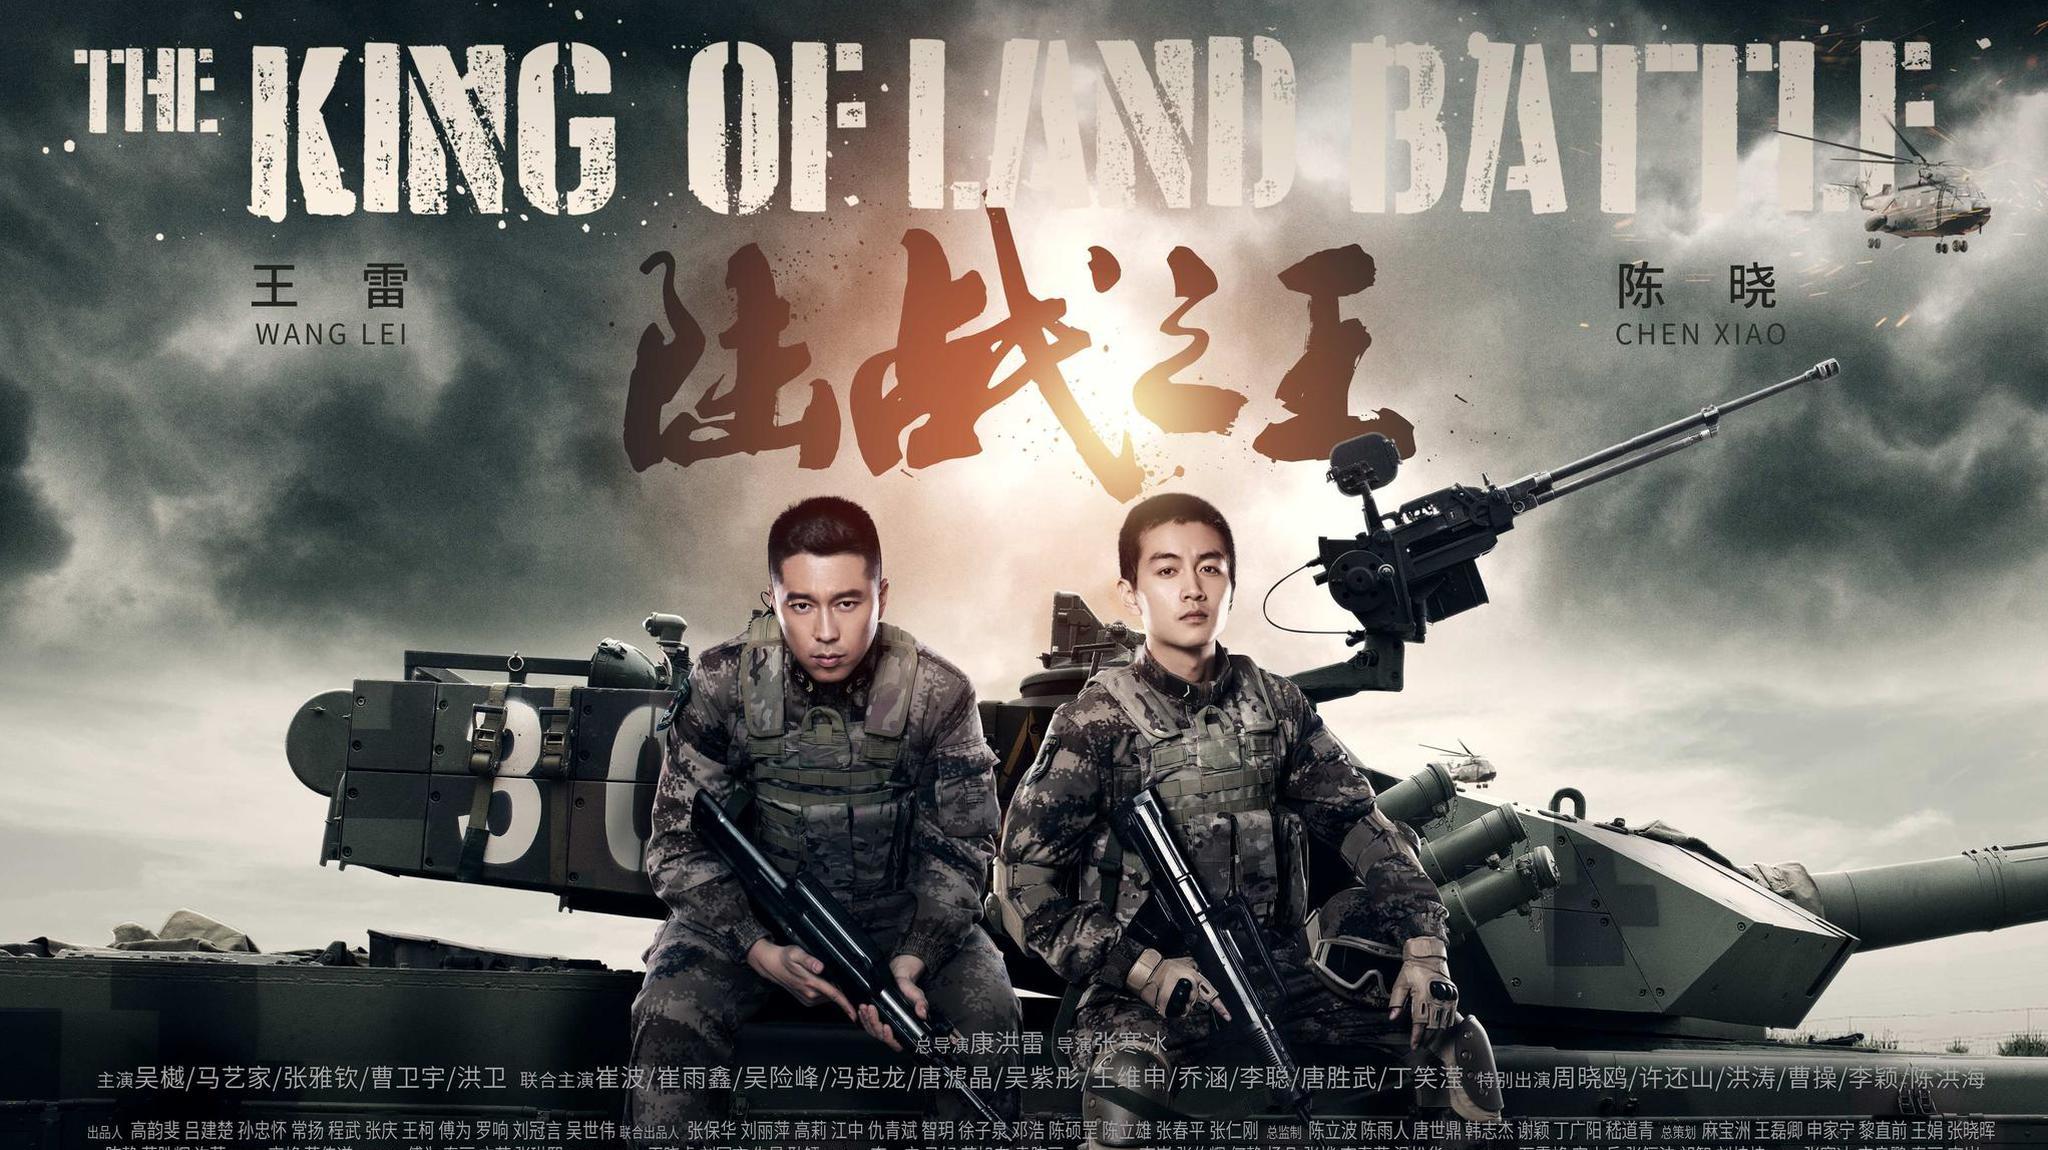 《陆战之王》开播终极预告曝光 陈晓王雷诠释军人使命